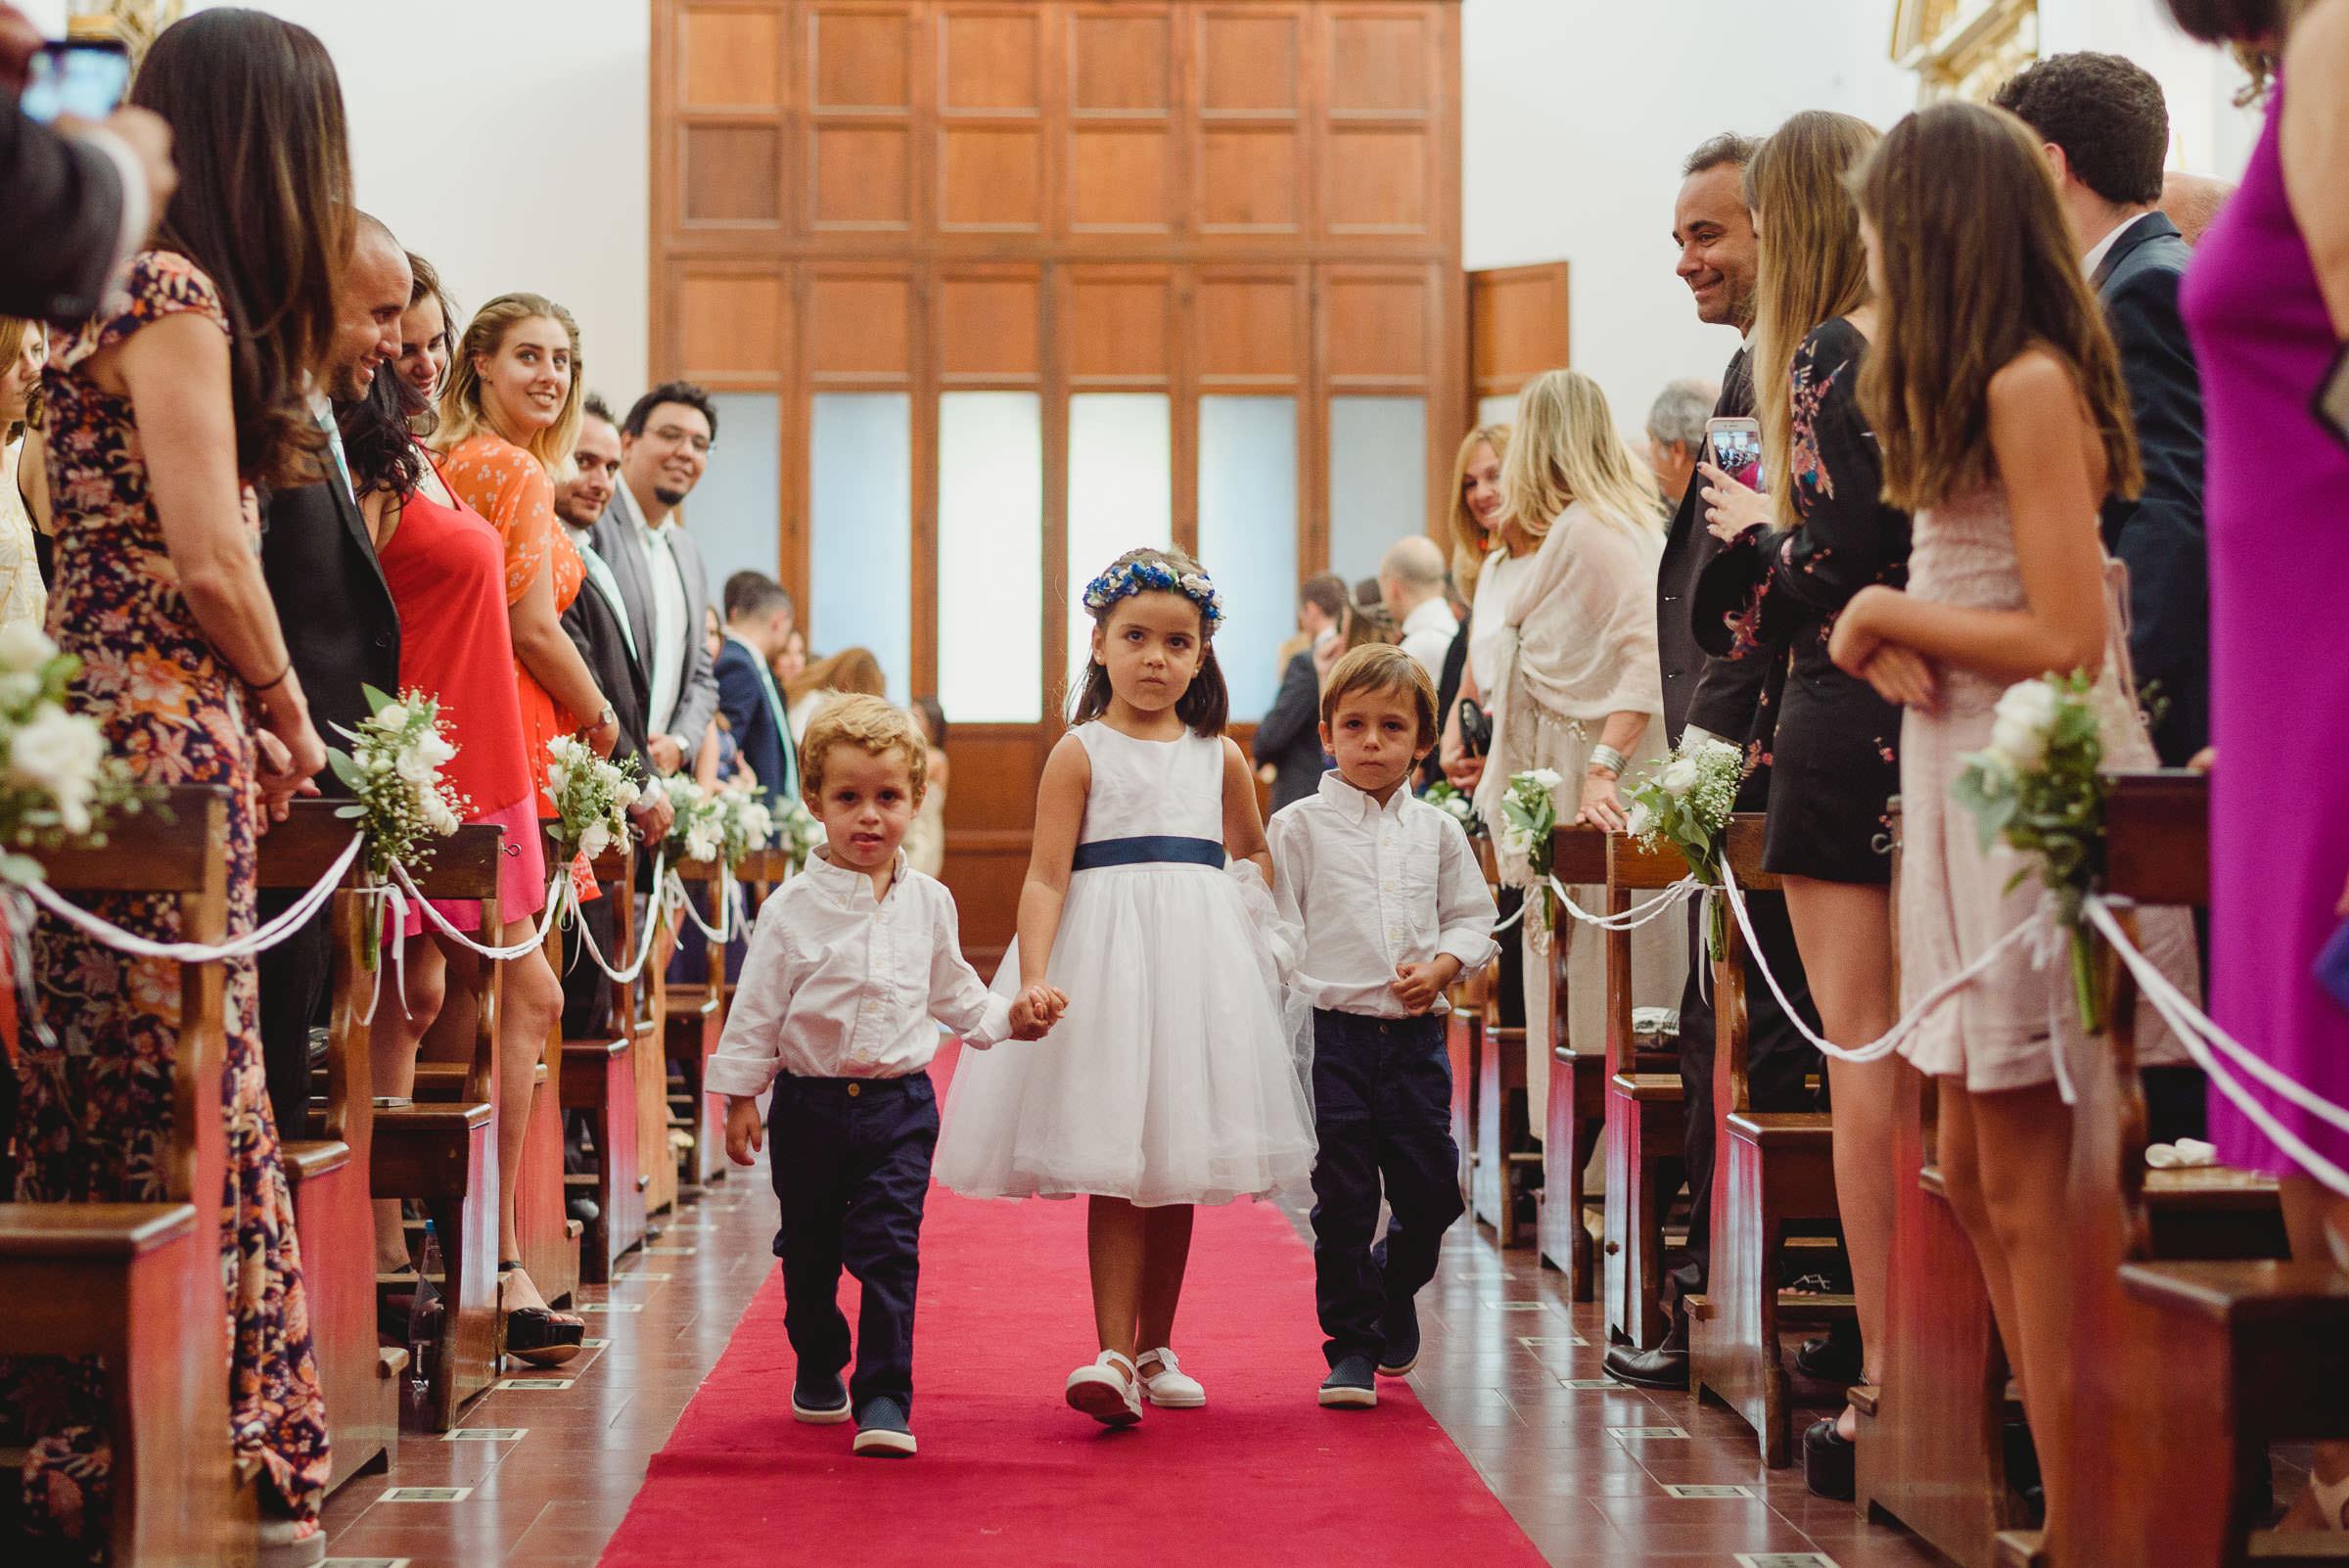 Parroquia Nuestra Señora de Pilar012.JPG